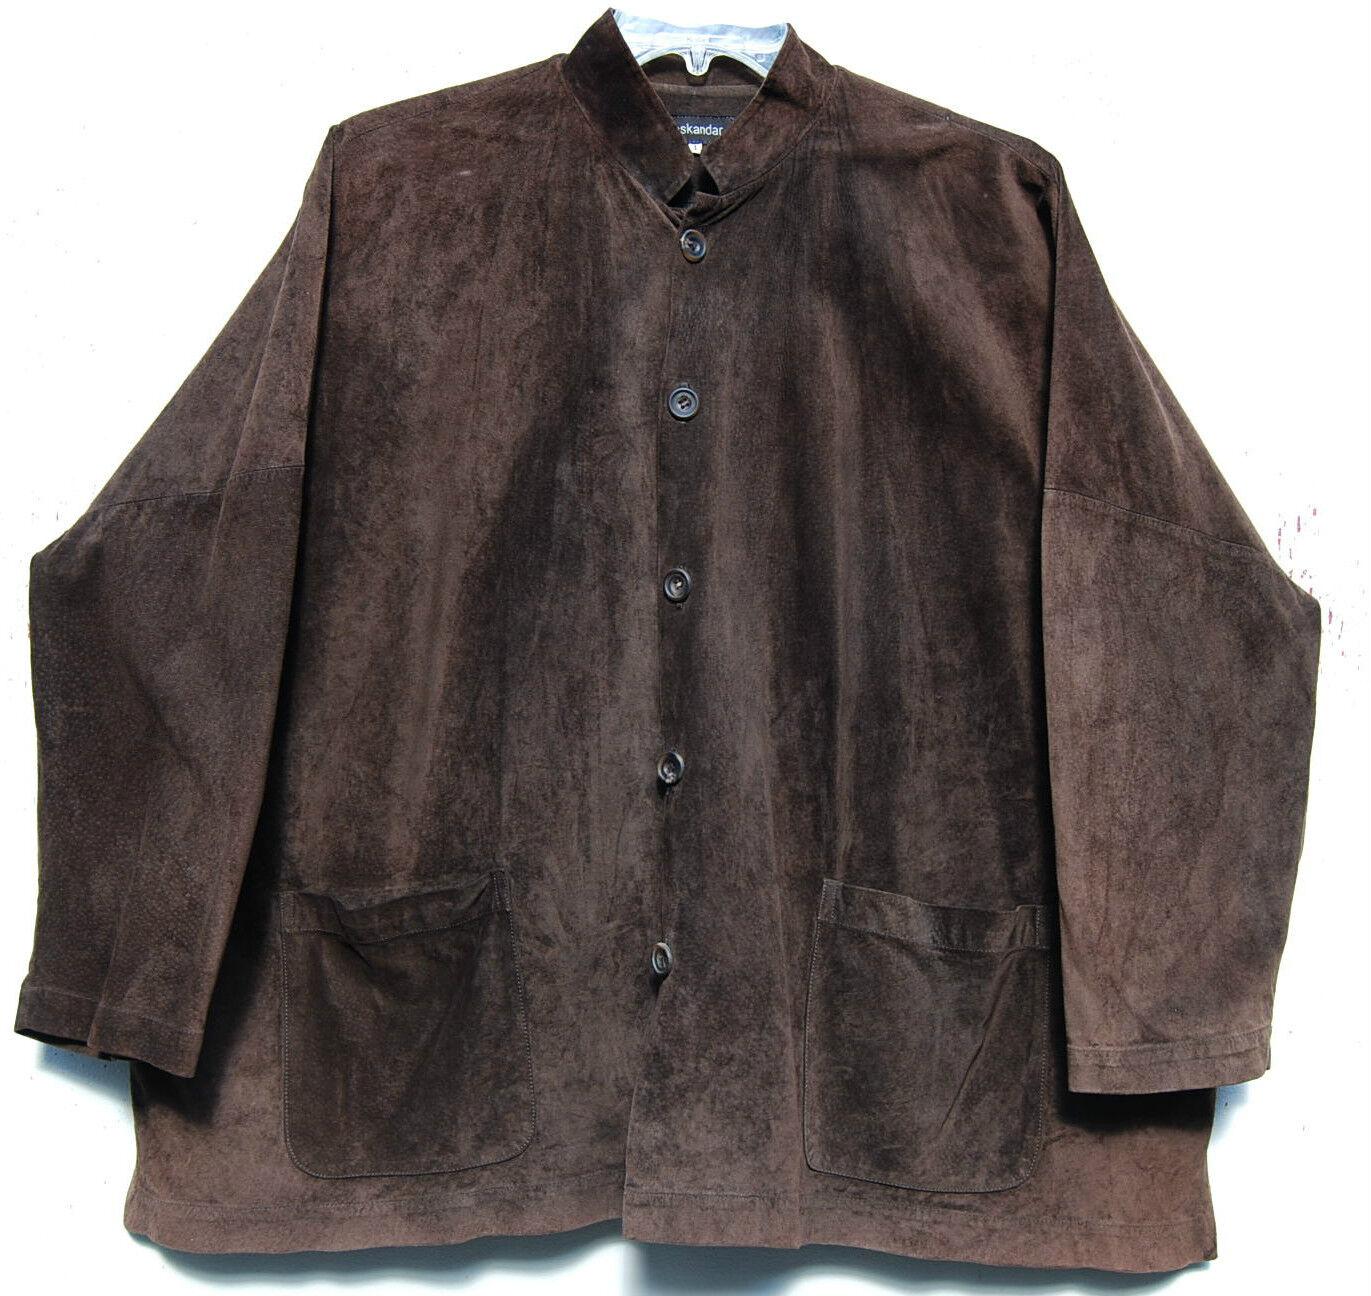 Eskandar oscuro  marrón gamuza cuero Mandarin Collar 32 pulgadas de largo ¡ Chaqueta Top (1)  2890  sorteos de estadio